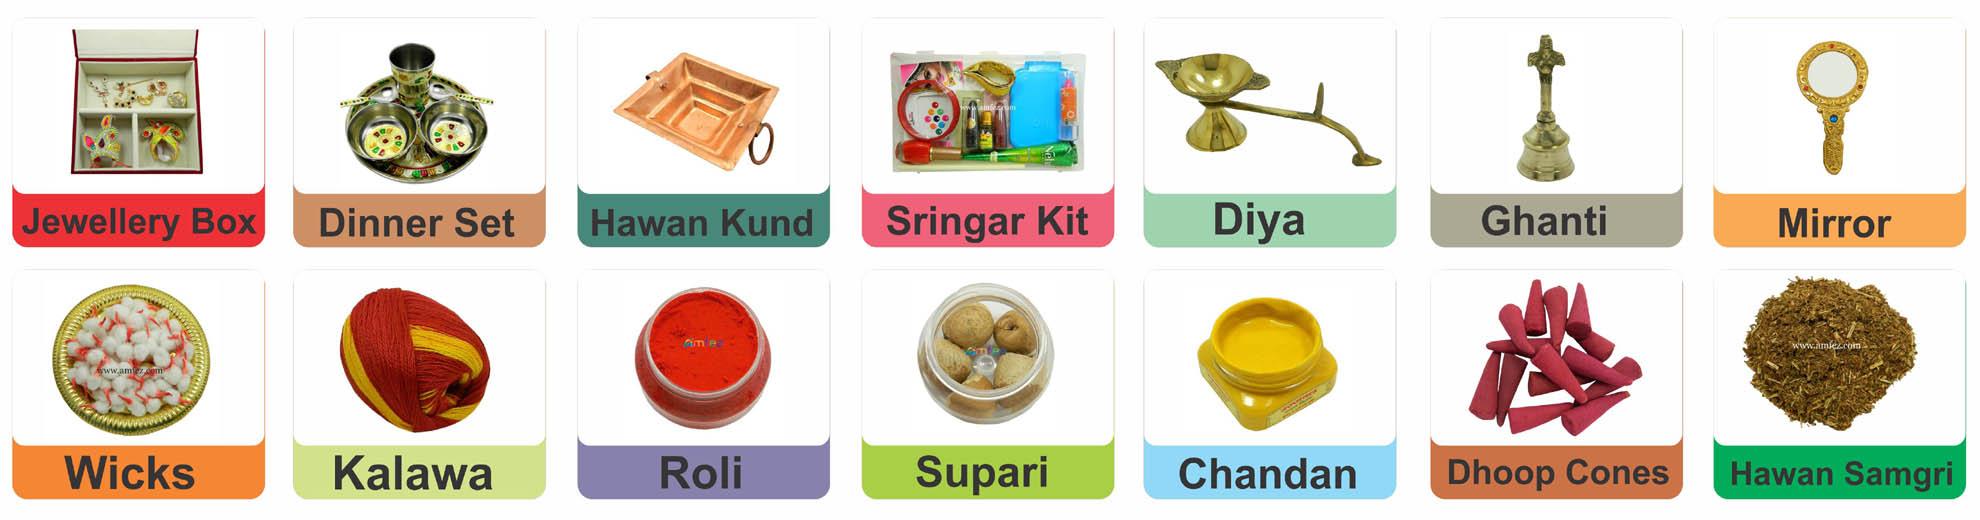 Online Shopping Site For Krishna Dresses, Designer Laddu